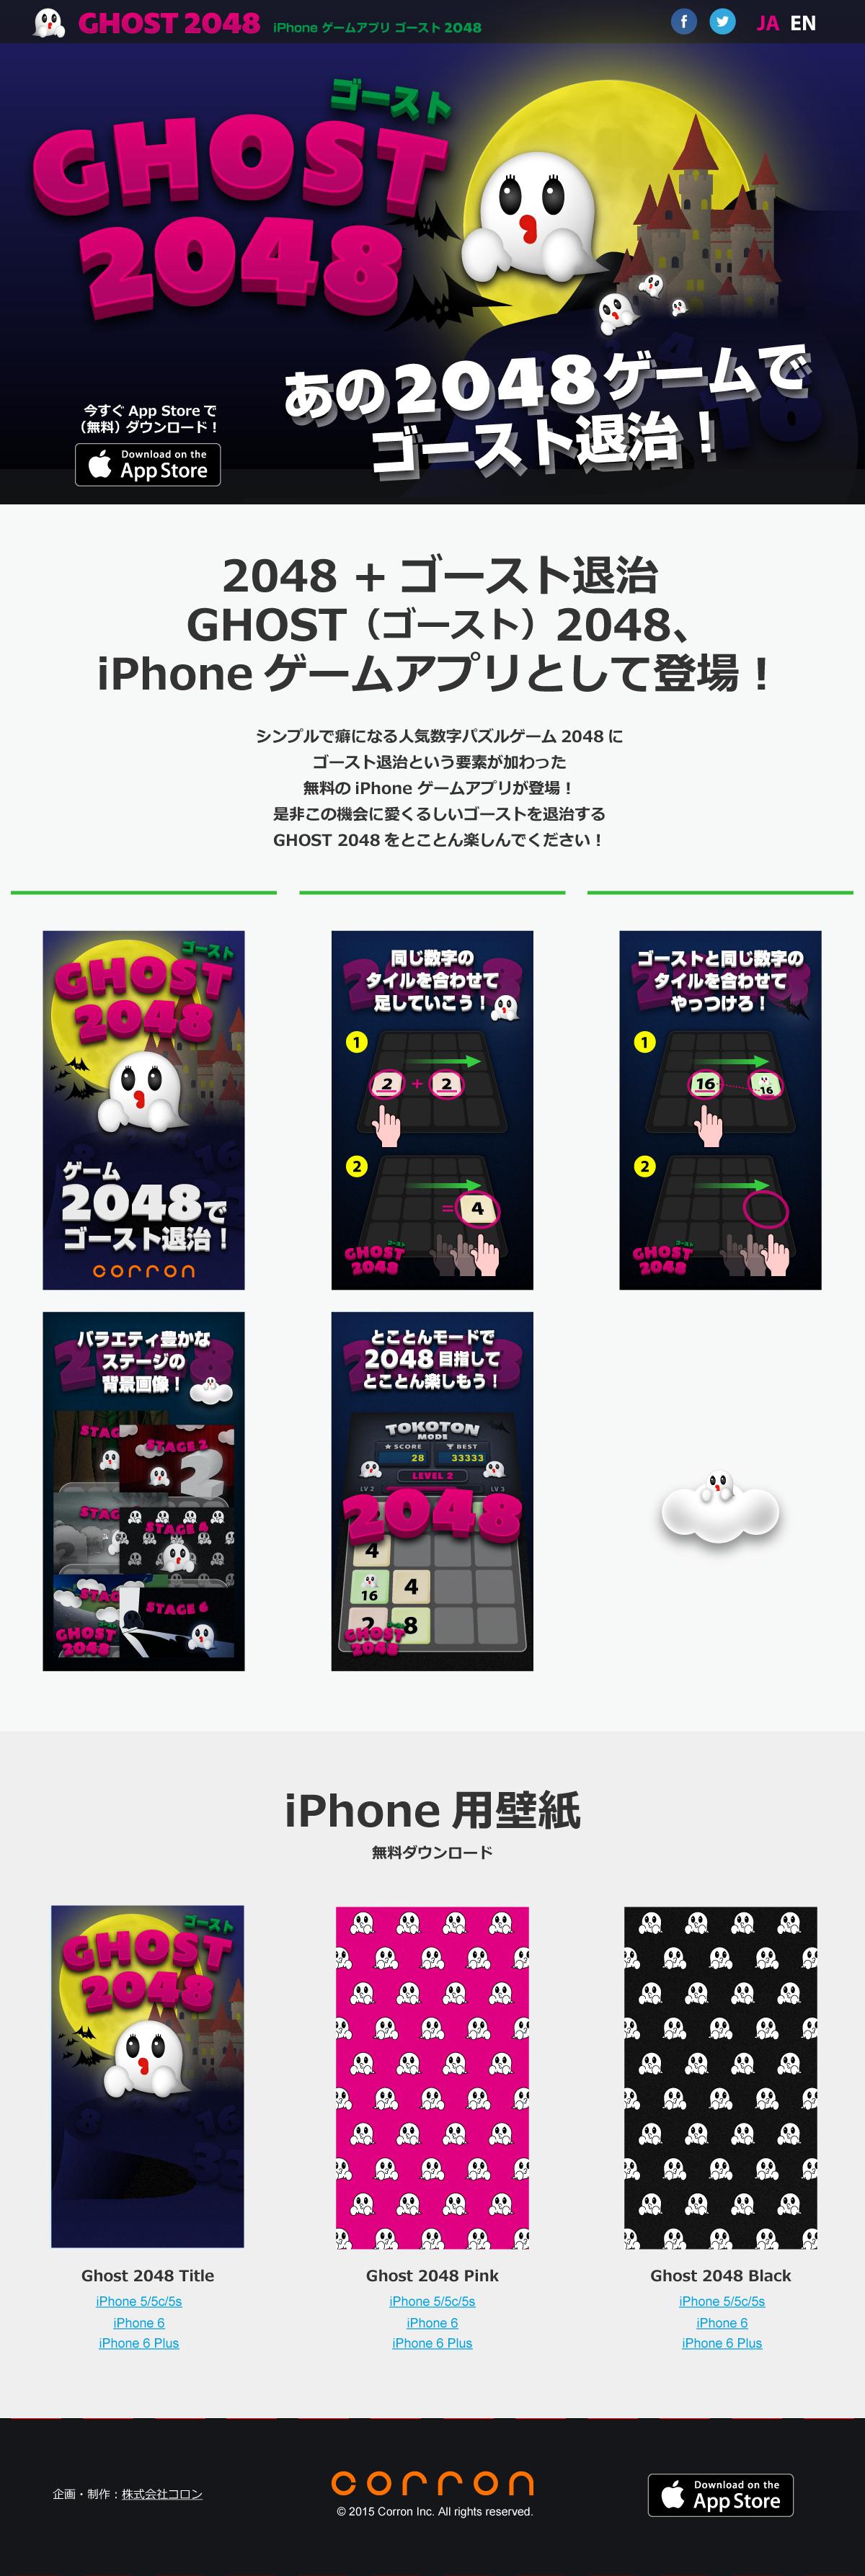 Web制作/ホームページ制作実績: GHOST 2048 iPhoneゲームアプリウェブサイト